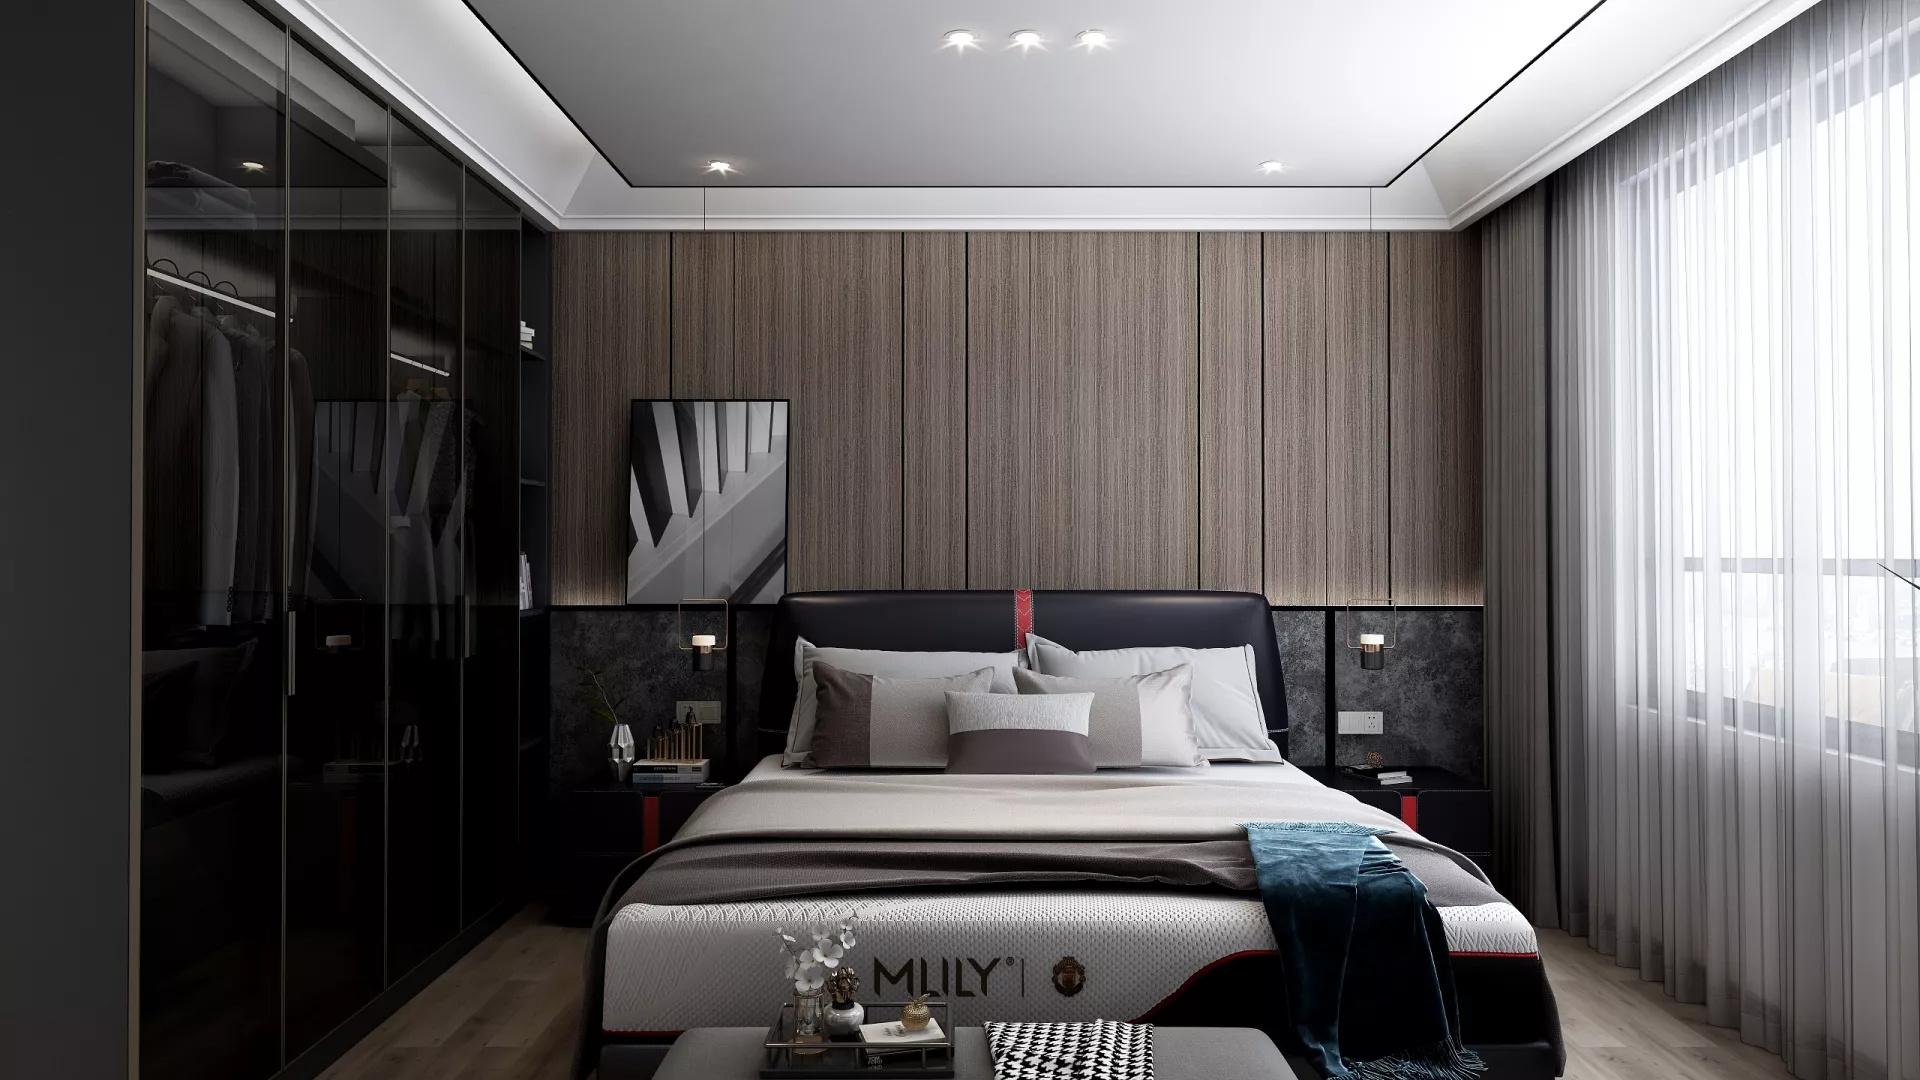 什么材质的隔音窗帘效果最好 装一个隔音窗帘要花多少钱